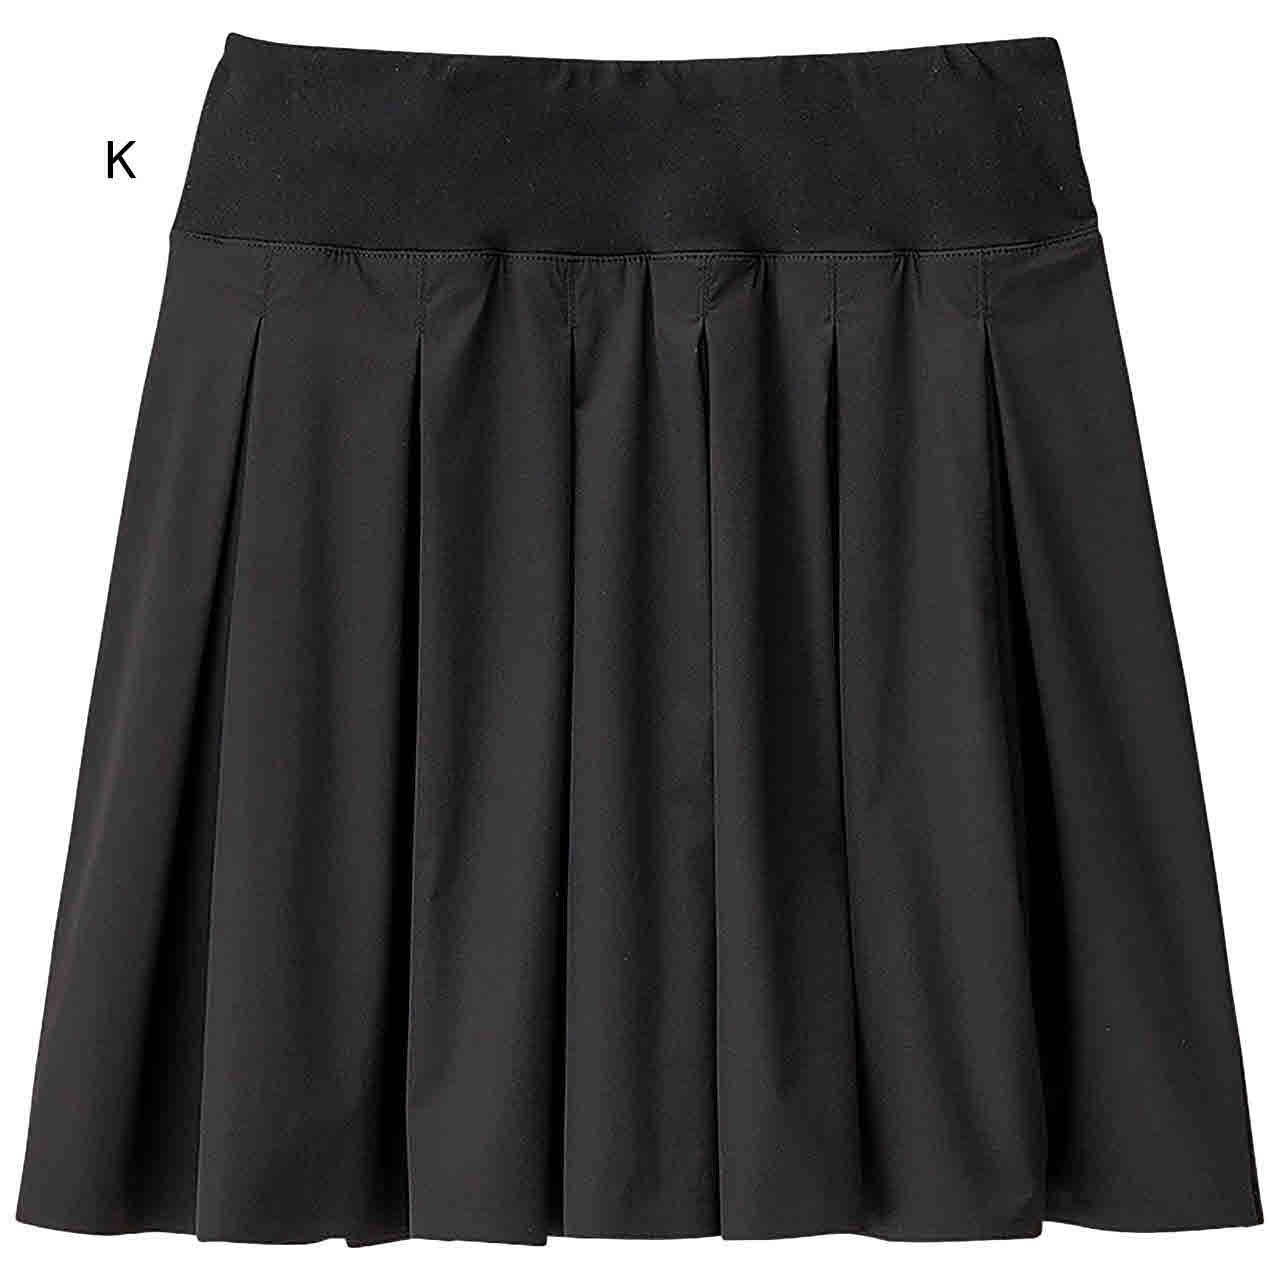 ダンスキン レディース バレエプリーテッドスカート BALLET PLEATED SKIRT DANSKIN DA40361